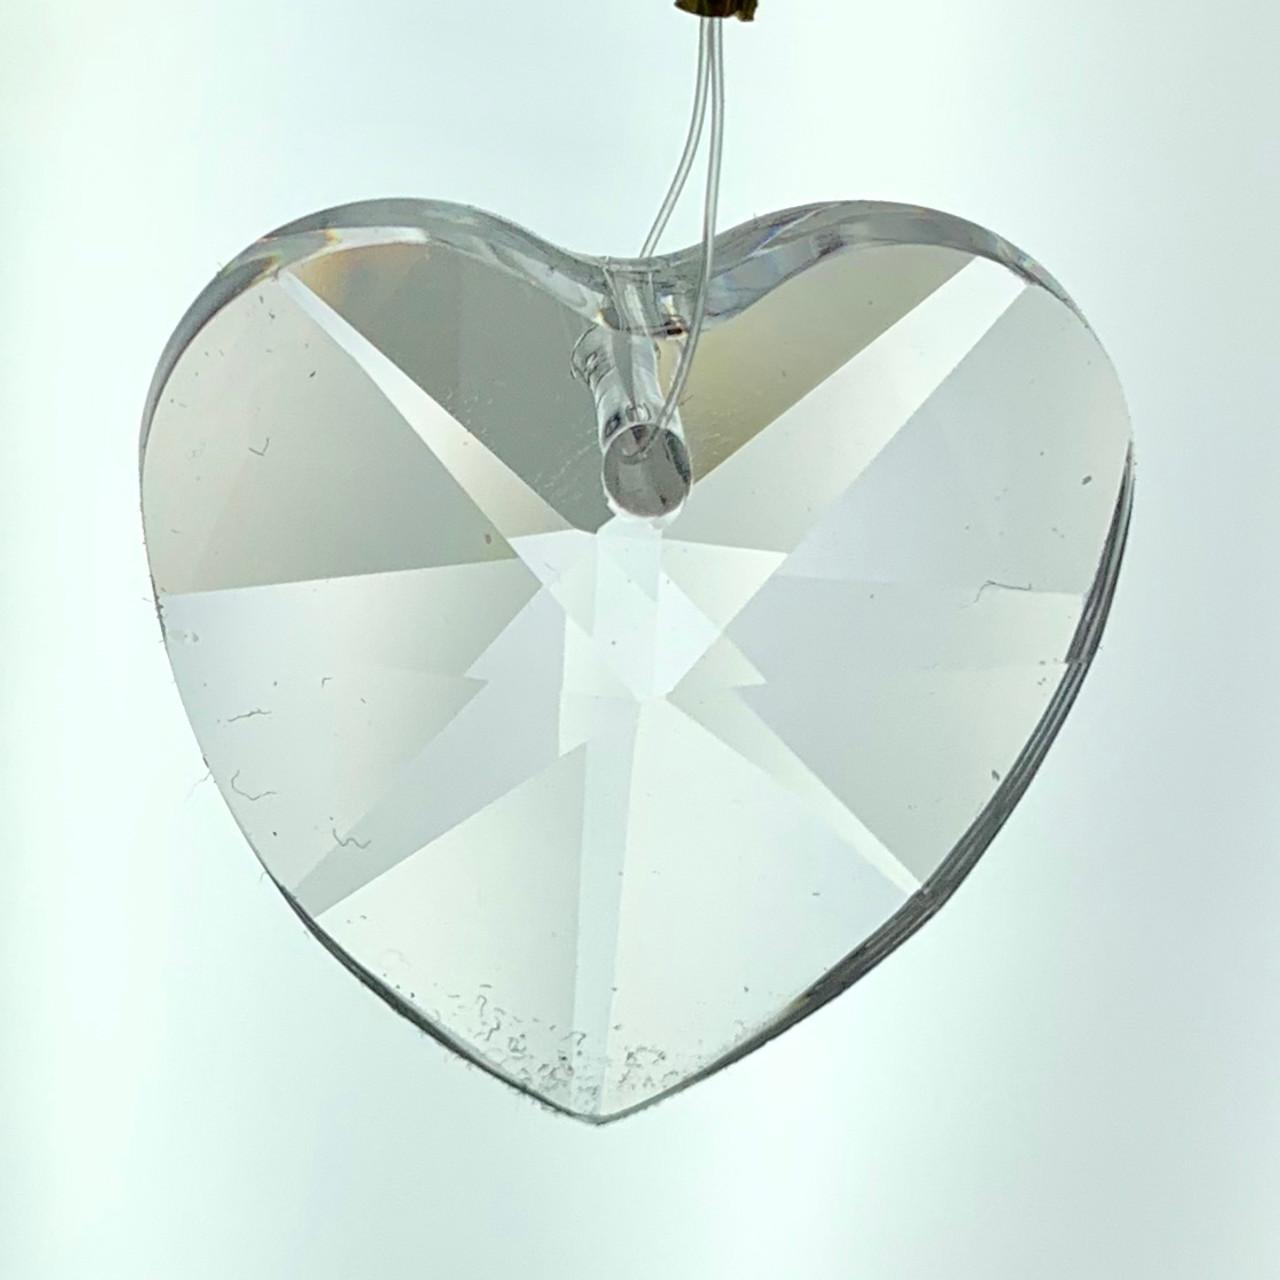 Cr92105 Heart Leaded Crystal